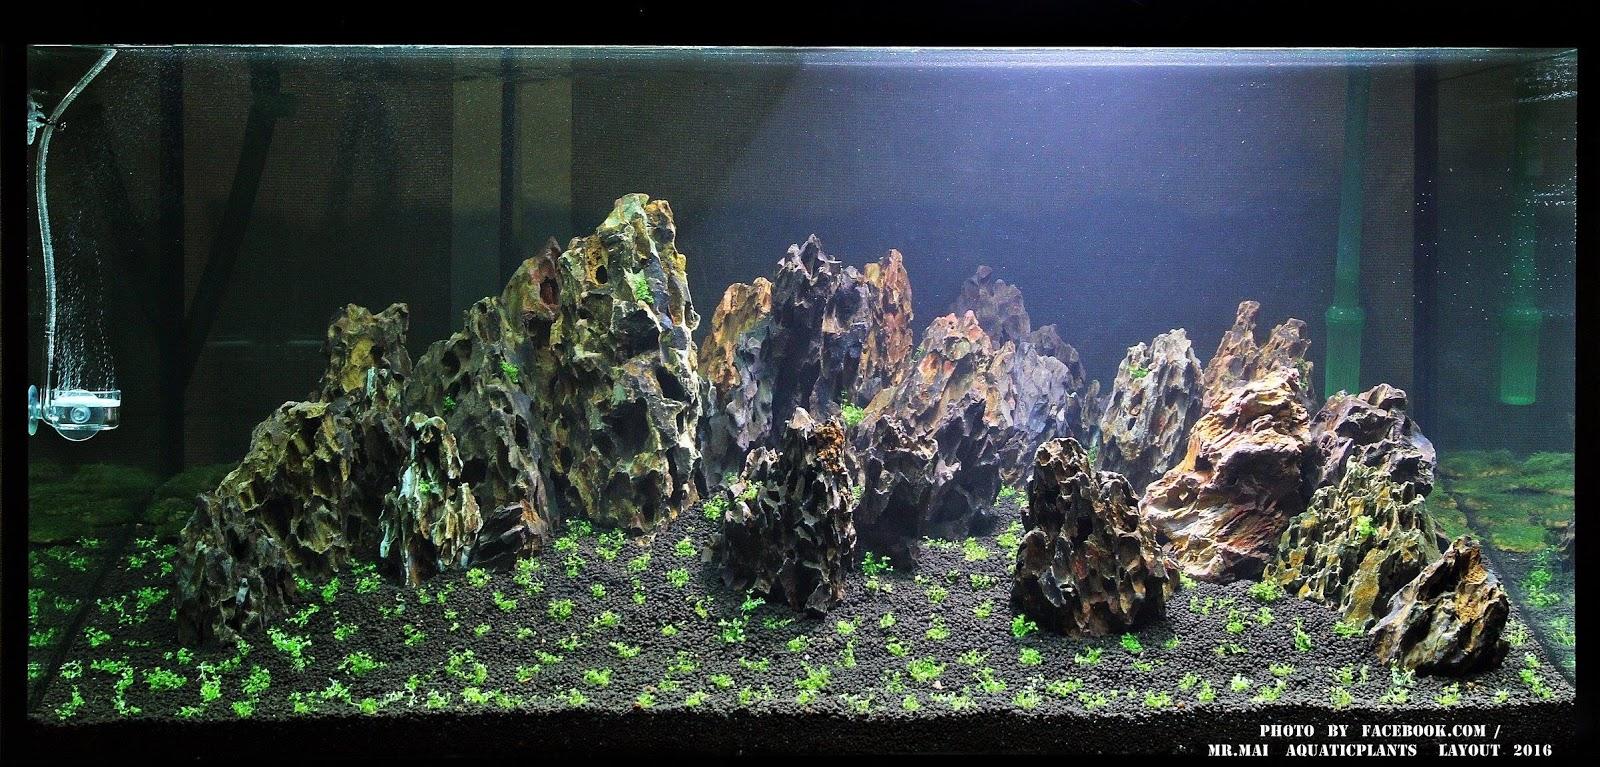 Vinh Aqua hướng dẫn xử lý và trồng cây trân châu trong hồ thủy sinh